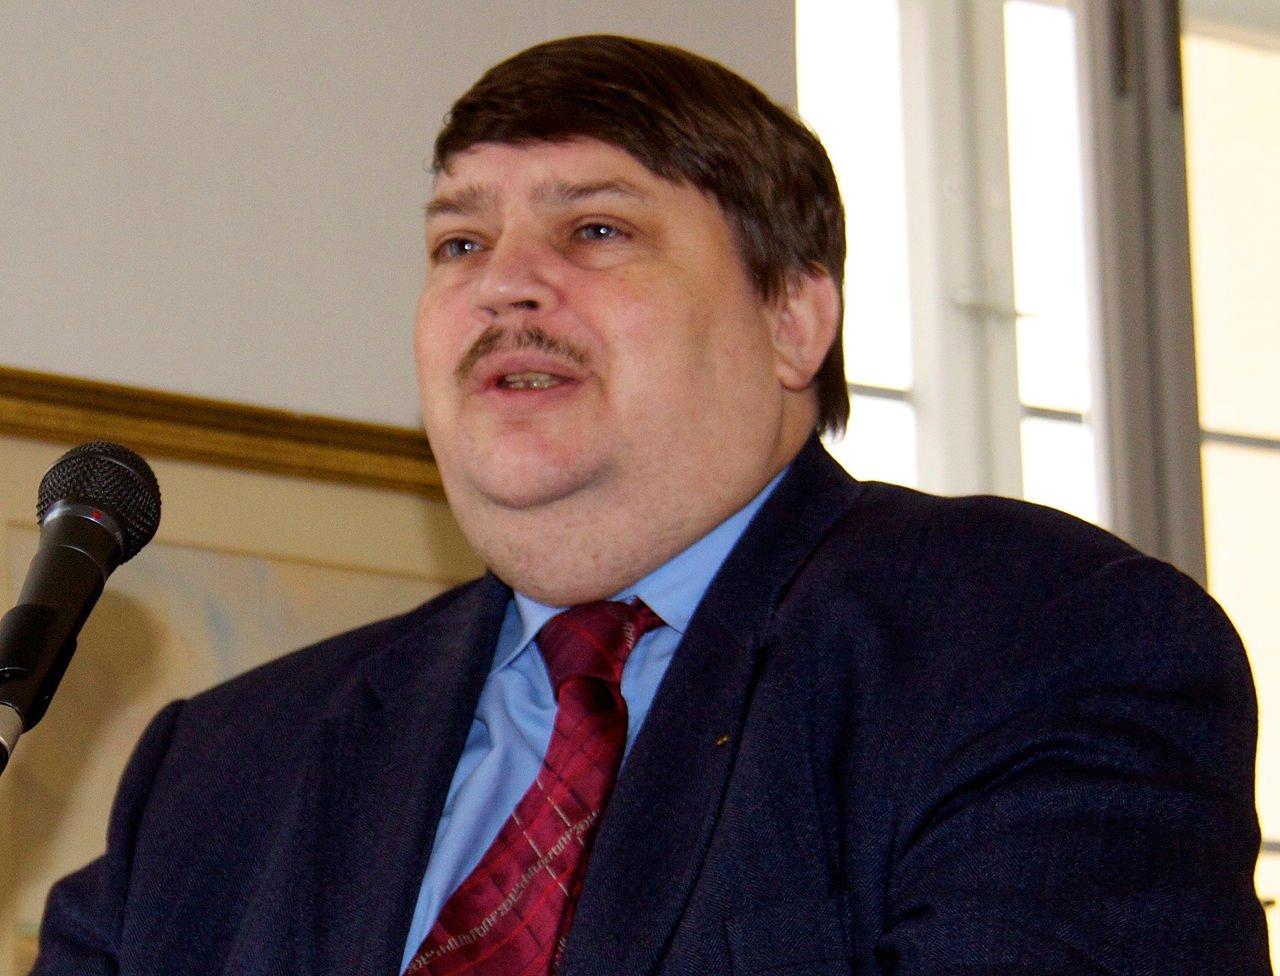 Sudetendeutsche: Landgericht München verbietet Bernd Posselt (CSU) die Verbreitung von Verleumdungen gegen die AfD